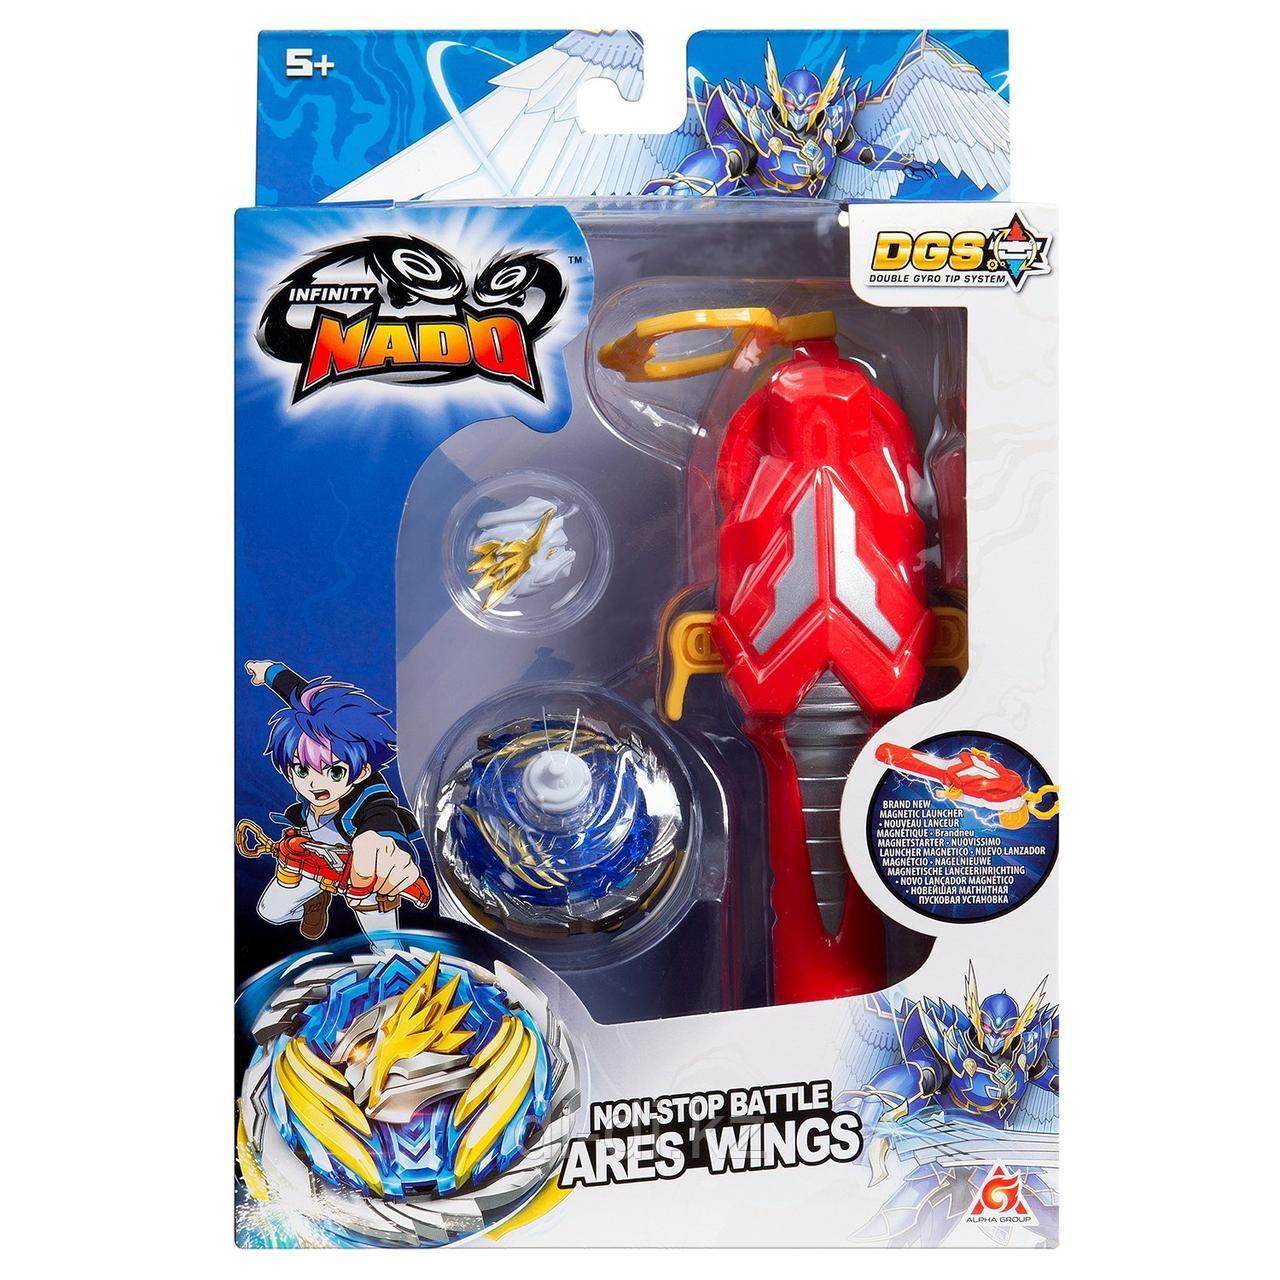 Волчок Ориджинал,Ares Wings